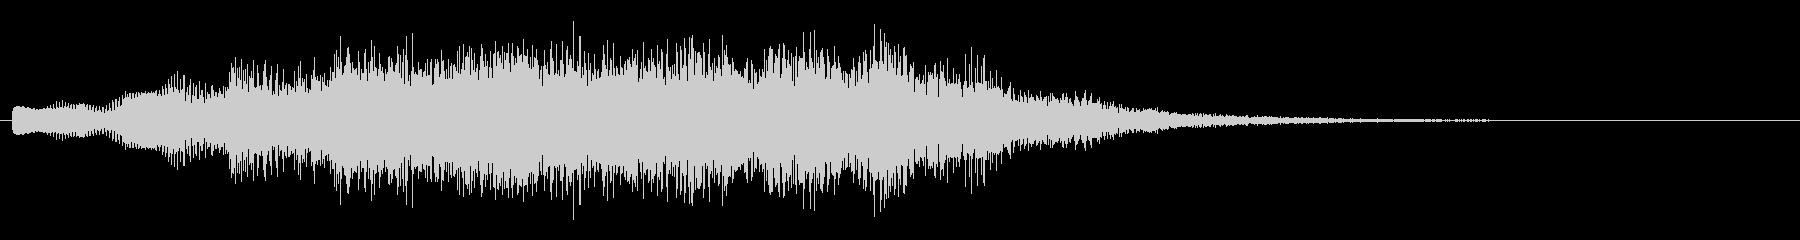 KANT涼しげアイキャッチ09222の未再生の波形